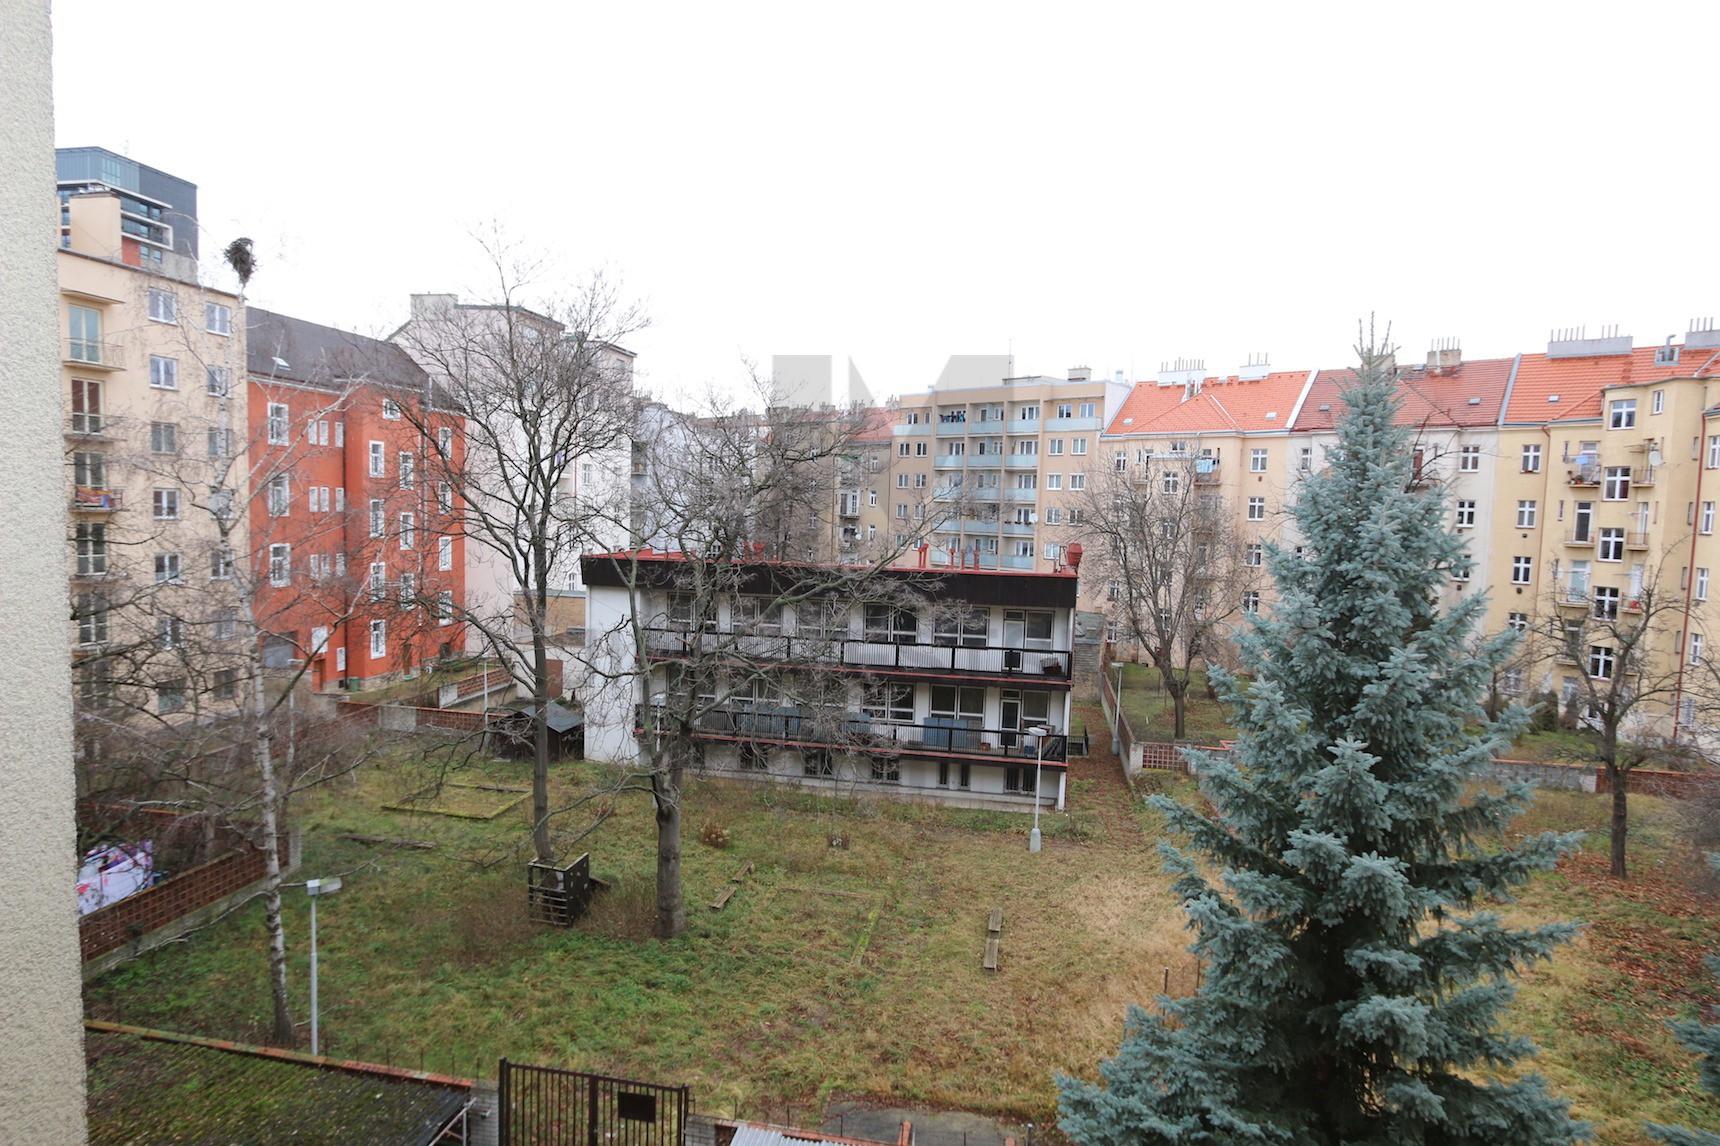 PRODEJ BYTU 3+1 se 2 balkony, U Průhonu, Praha 7 - Holešovice